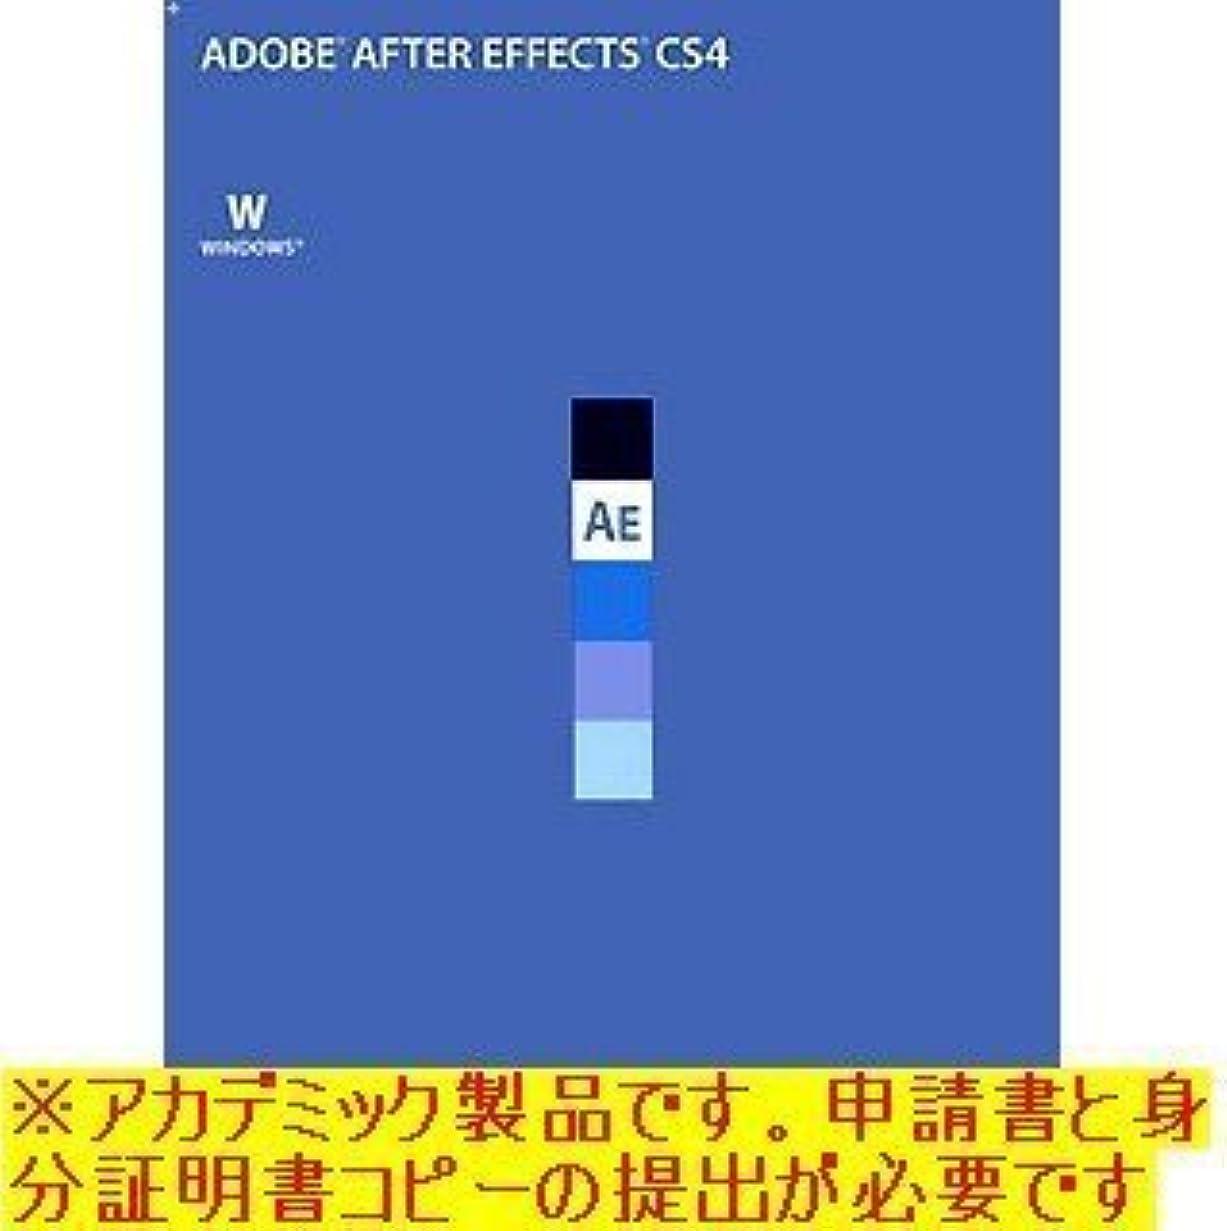 首合併症持続するアドビ(Adobe) 【Win版】Adobe After Effects CS4 (V9.0) 日本語版 Professional Windows版 アカデミック(学生?教職員向け) 65009853